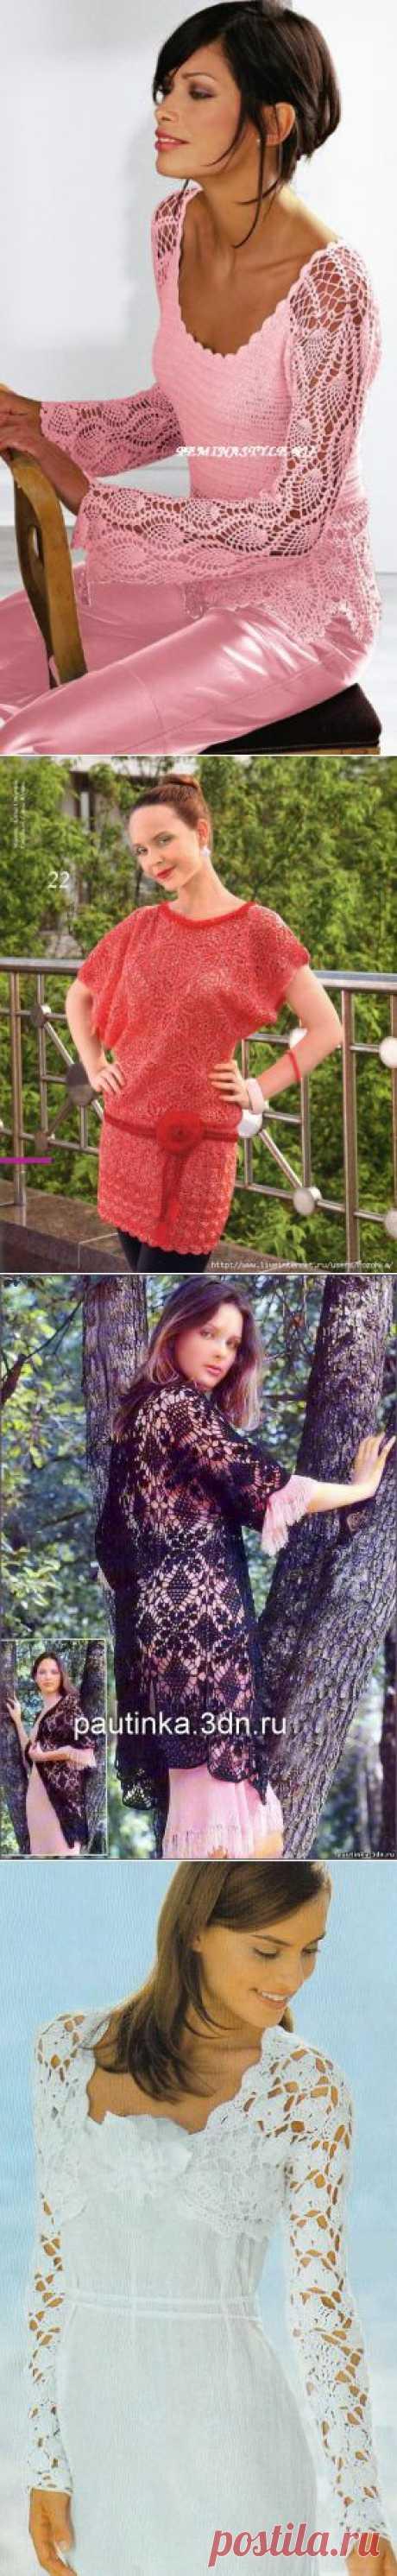 Крючок | Записи в рубрике Крючок | Дневник LyudmilaMakarova (вяжу на заказ)